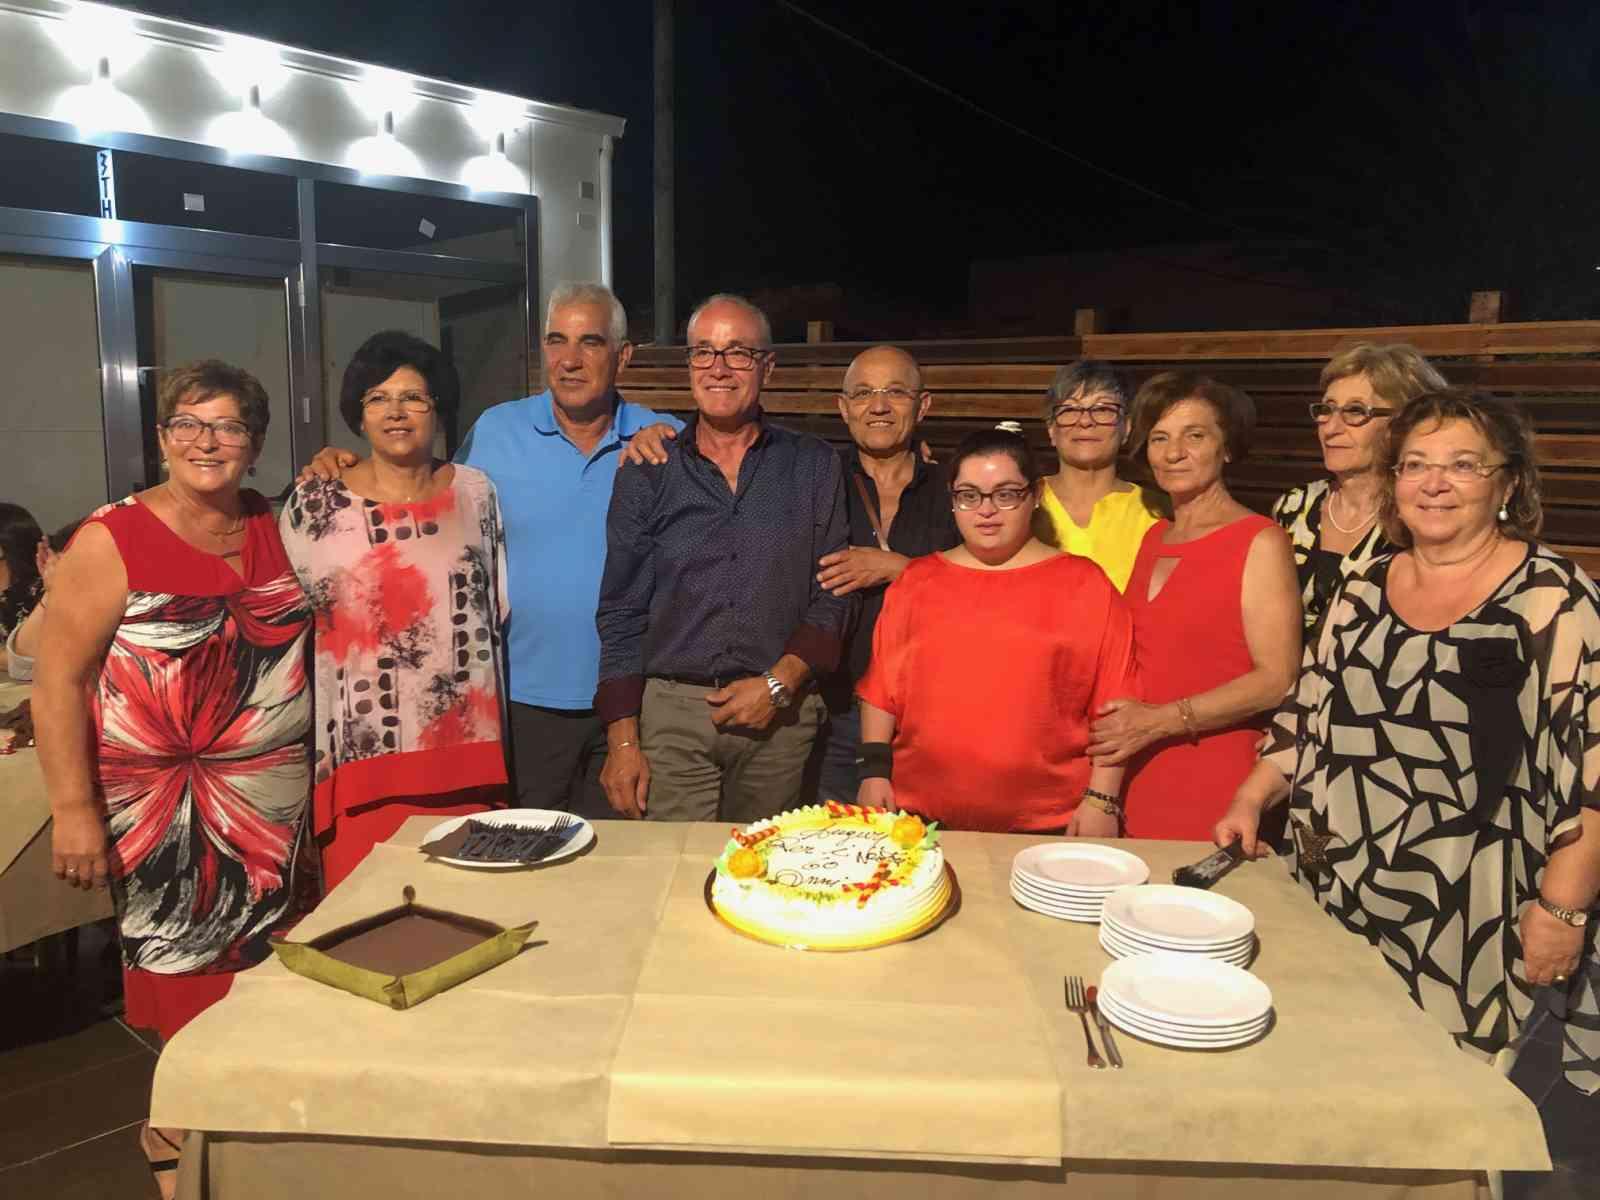 Immagine articolo: Salaparuta.  Rimpatriata tra amici paesani nati nel 1959 per festeggiare i 60 anni